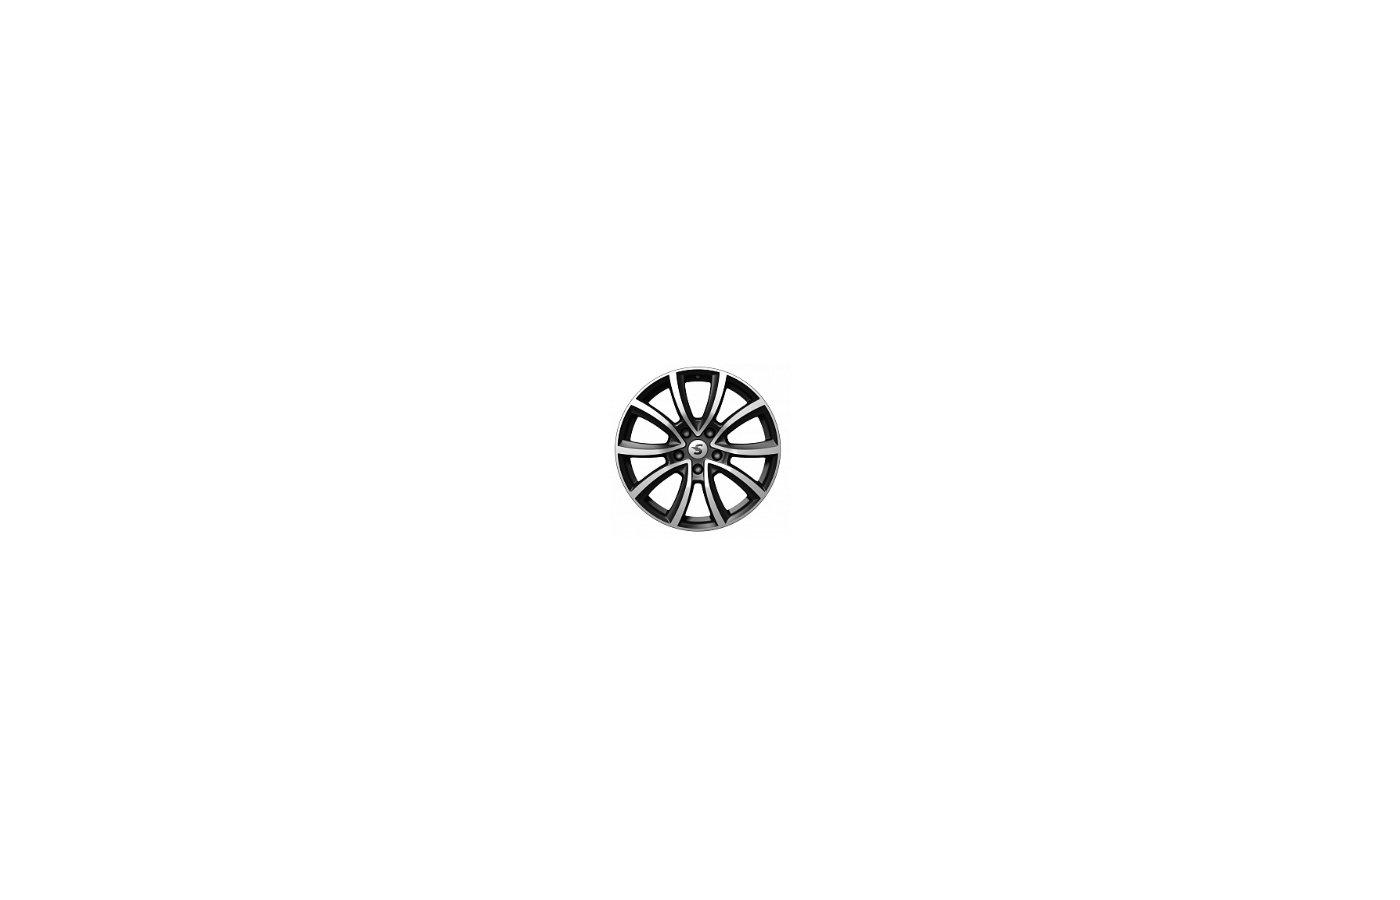 Диск Скад Онтарио 7x17/5x114.3 D67.1 ET35 Алмаз